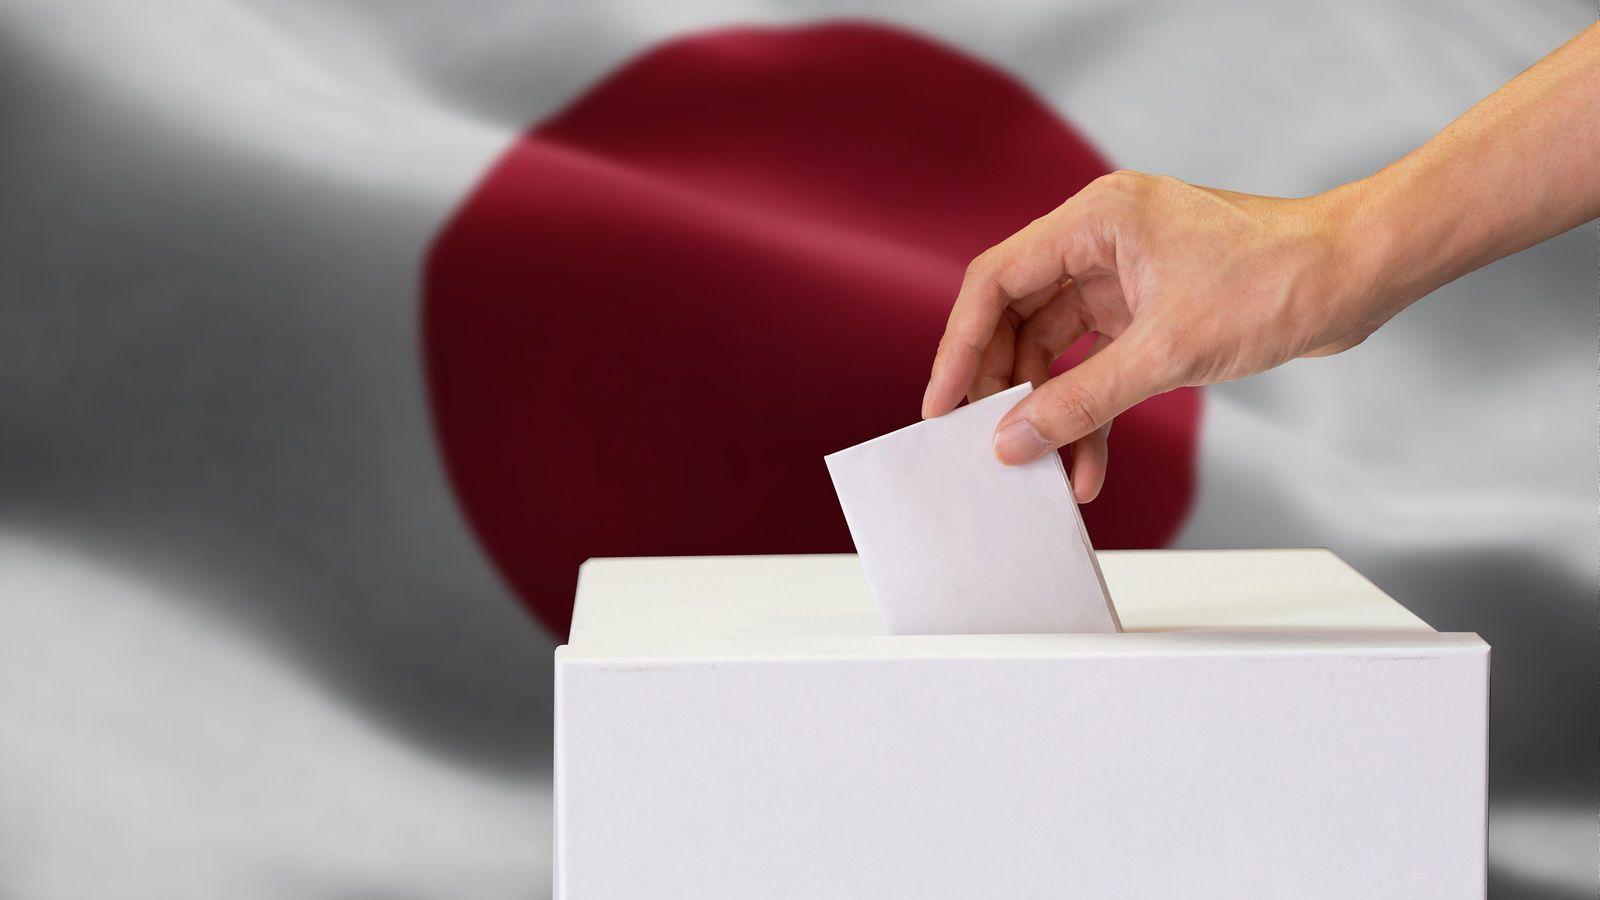 開票率たった1%で「当確」を打てるカラクリ ただし、最終的に落選する時もある